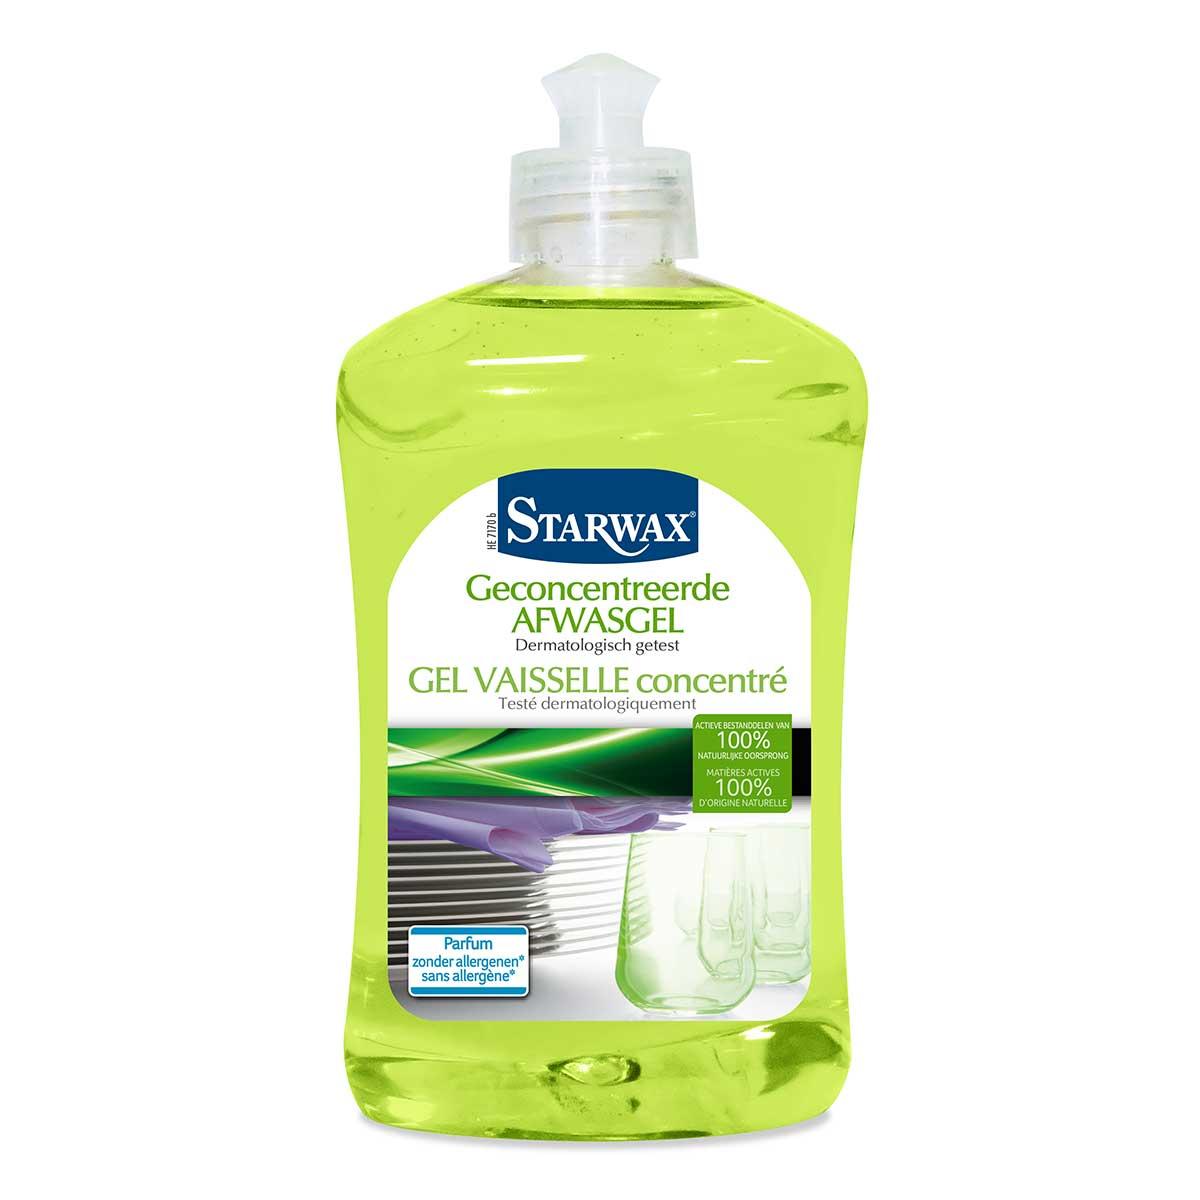 Geconcentreerde afwasgel actieve bestanddelen van 100% natuurlijke oorsprong – Starwax